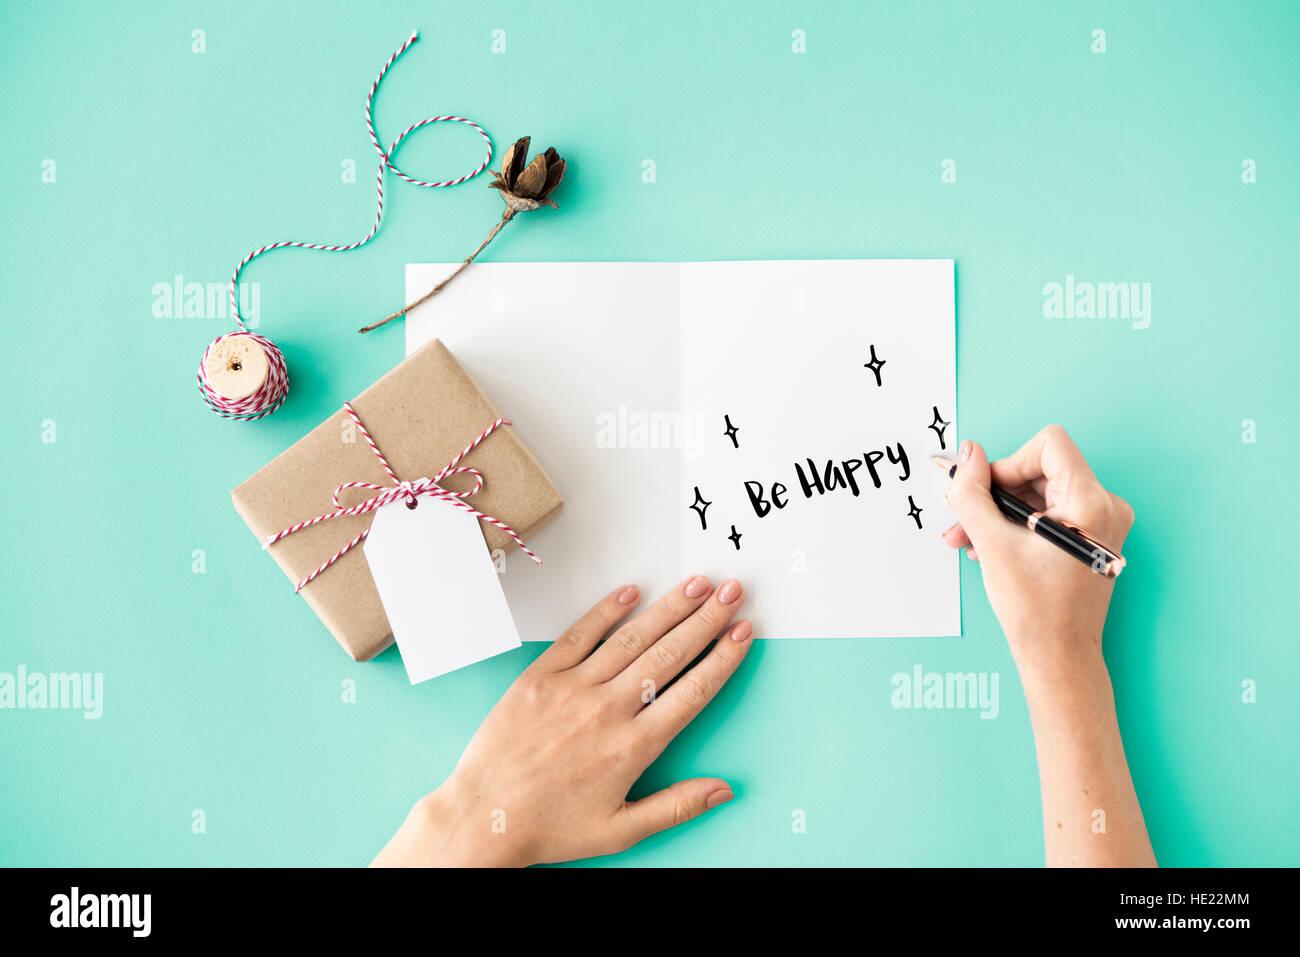 Feliz Cumpleaños sonrisa siempre concepto Imagen De Stock